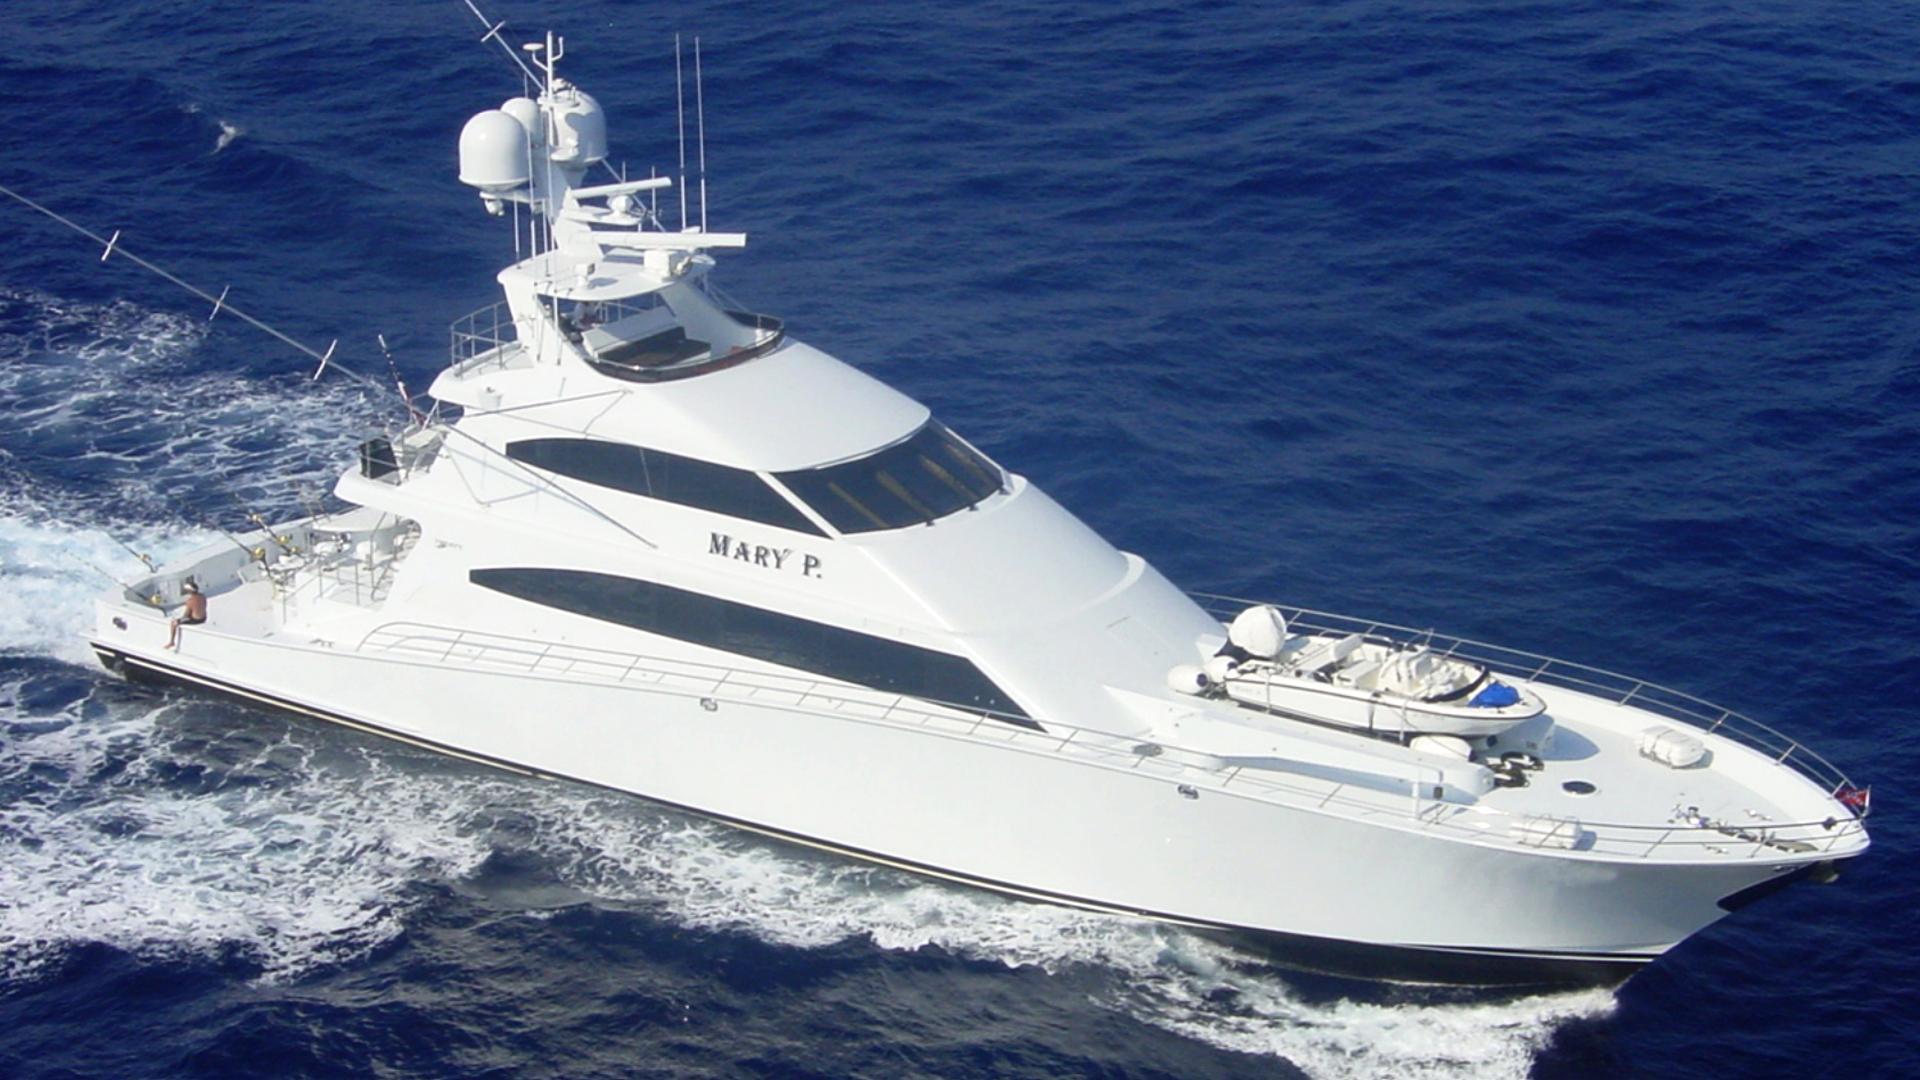 mary-p-motor-yacht-trinity-2008-37m-aerial